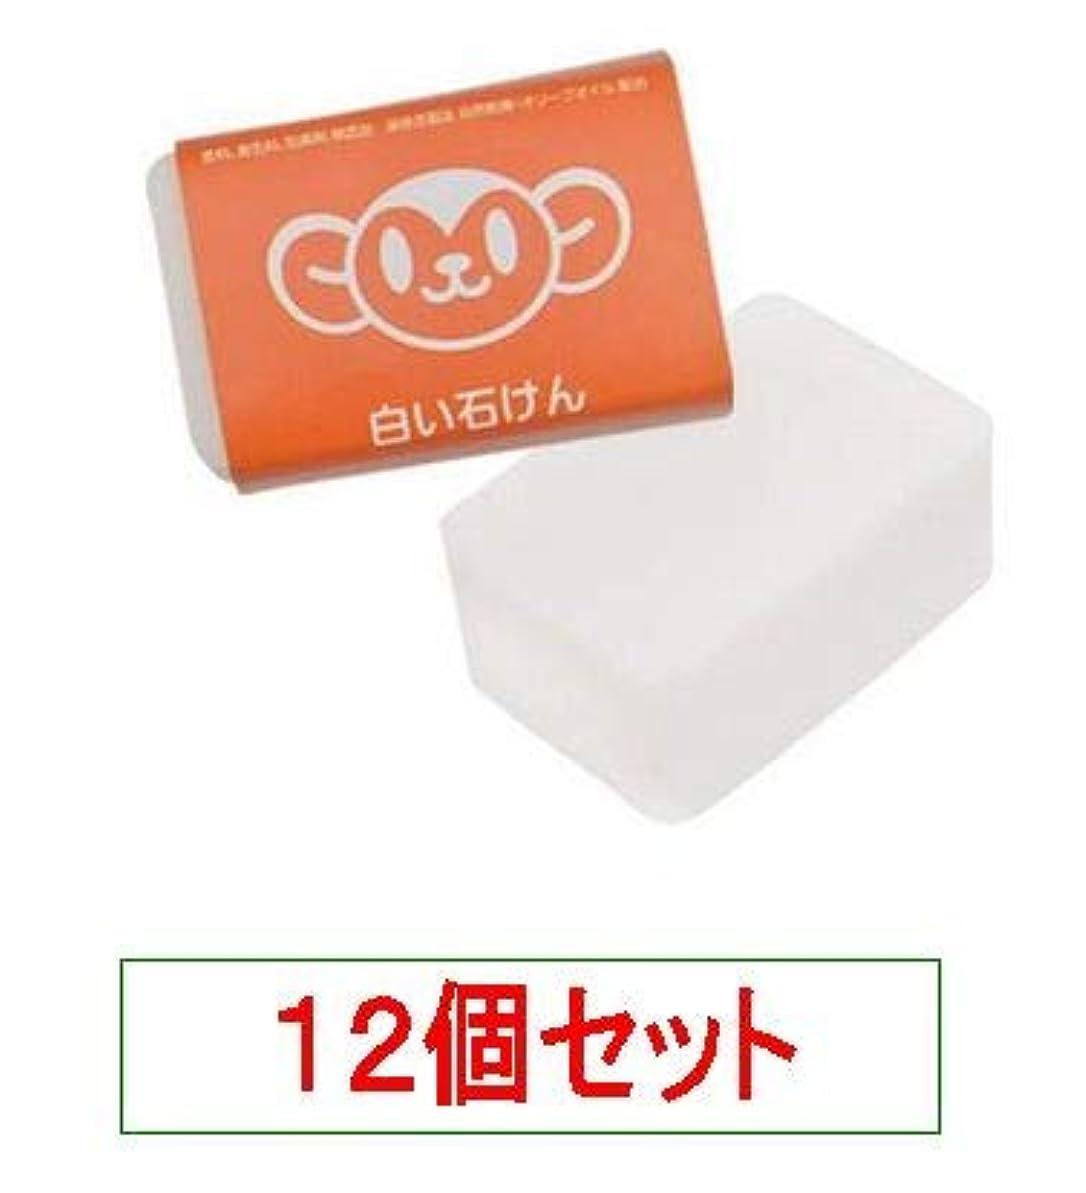 印刷する犯人硬さハイム むーくんシリーズ 白い石けん 120g<無添加の洗顔、入浴用>X12個セット